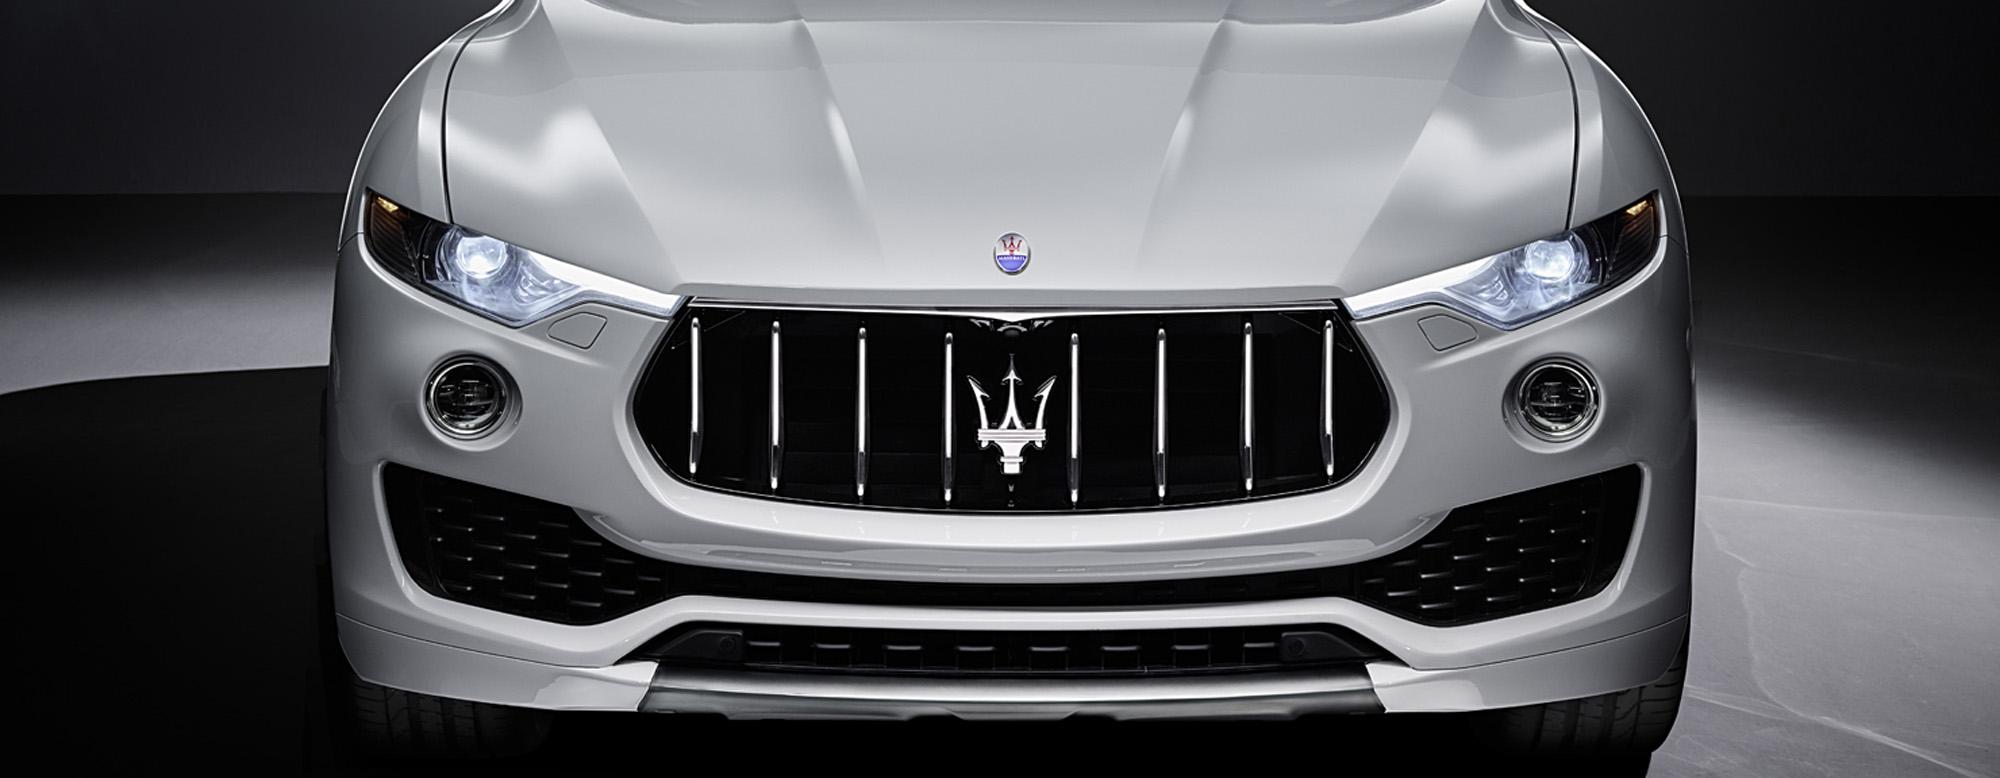 El Maserati Levante 2016 y sus nuevos grupos ópticos